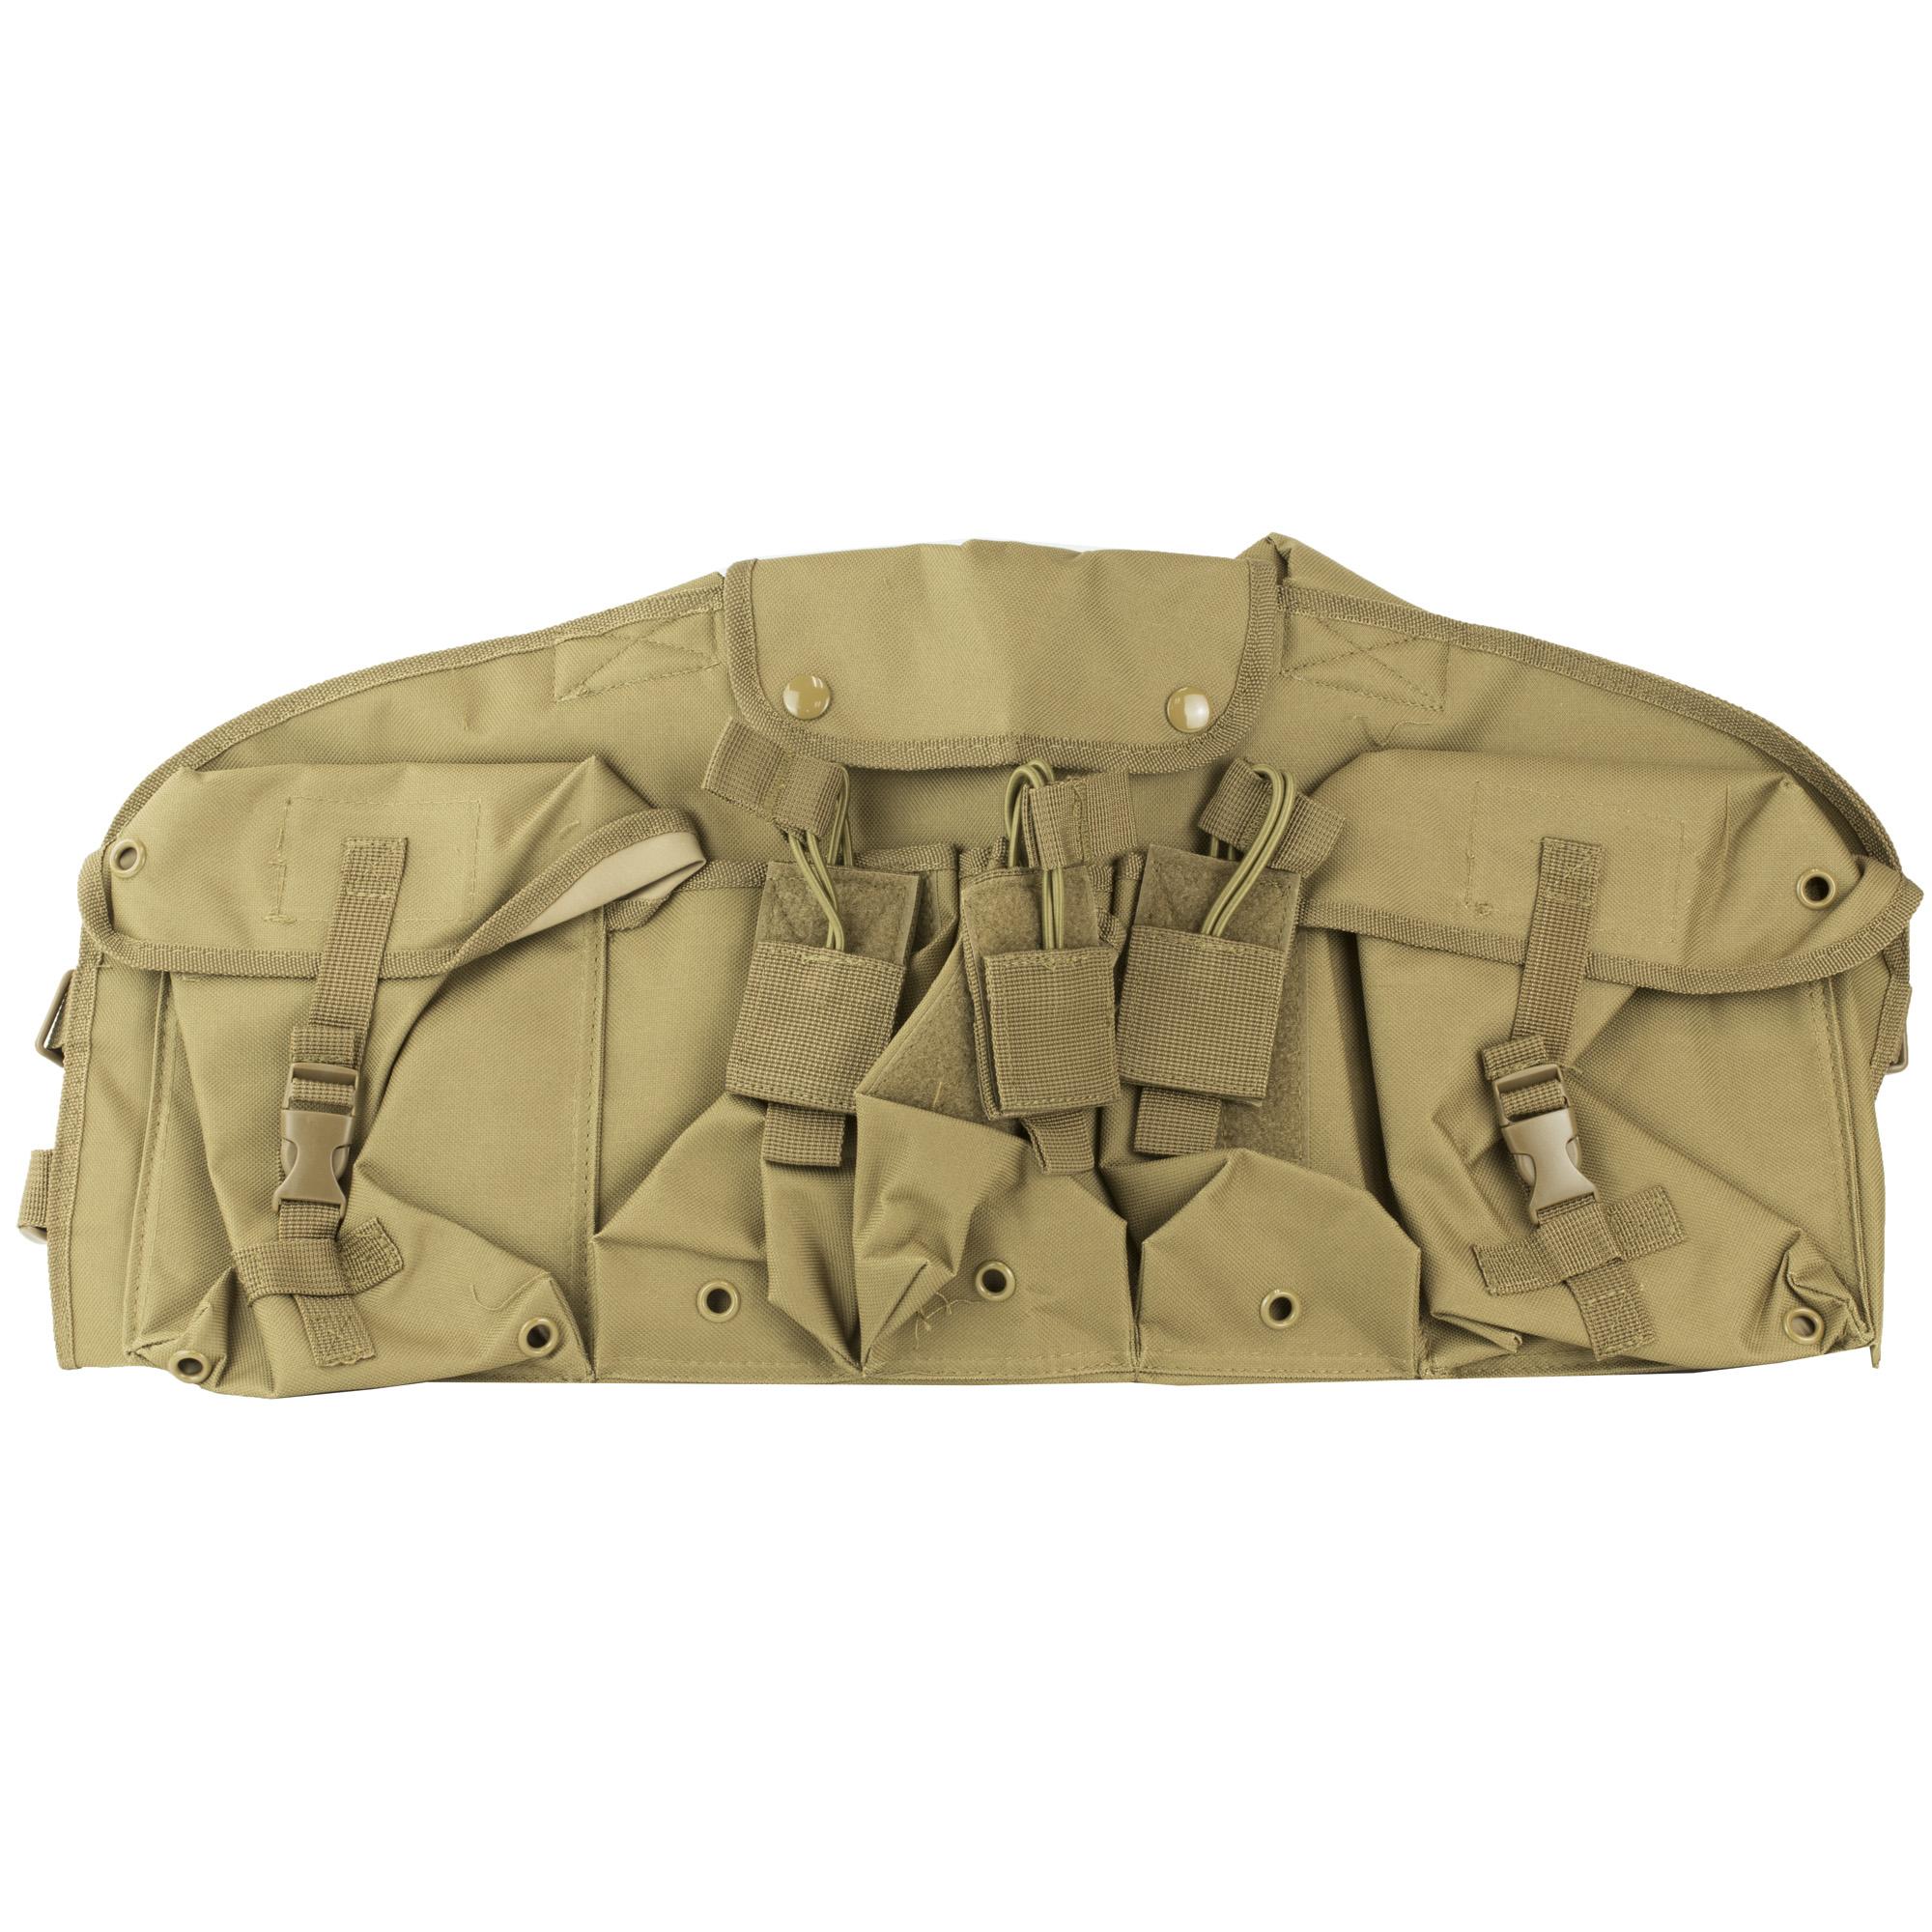 NCSTAR (6) Magazines AK Chest Rig Ambidextrous Nylon Vest – Tan